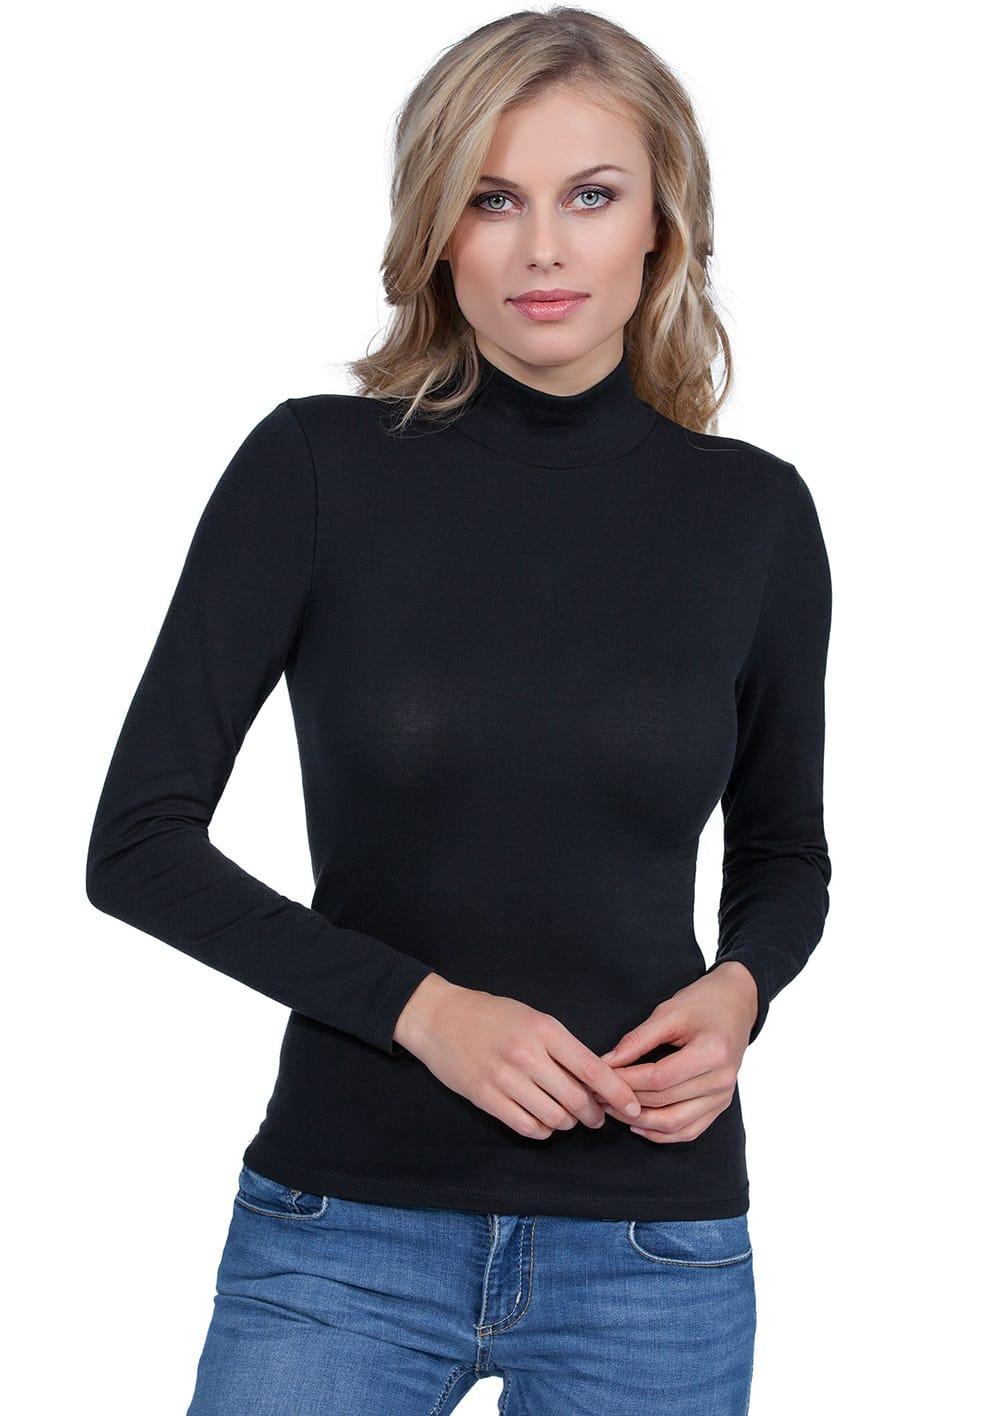 T Shirt Manica Lunga Lupetto In Cotone Elasticizzato Costina Liscia